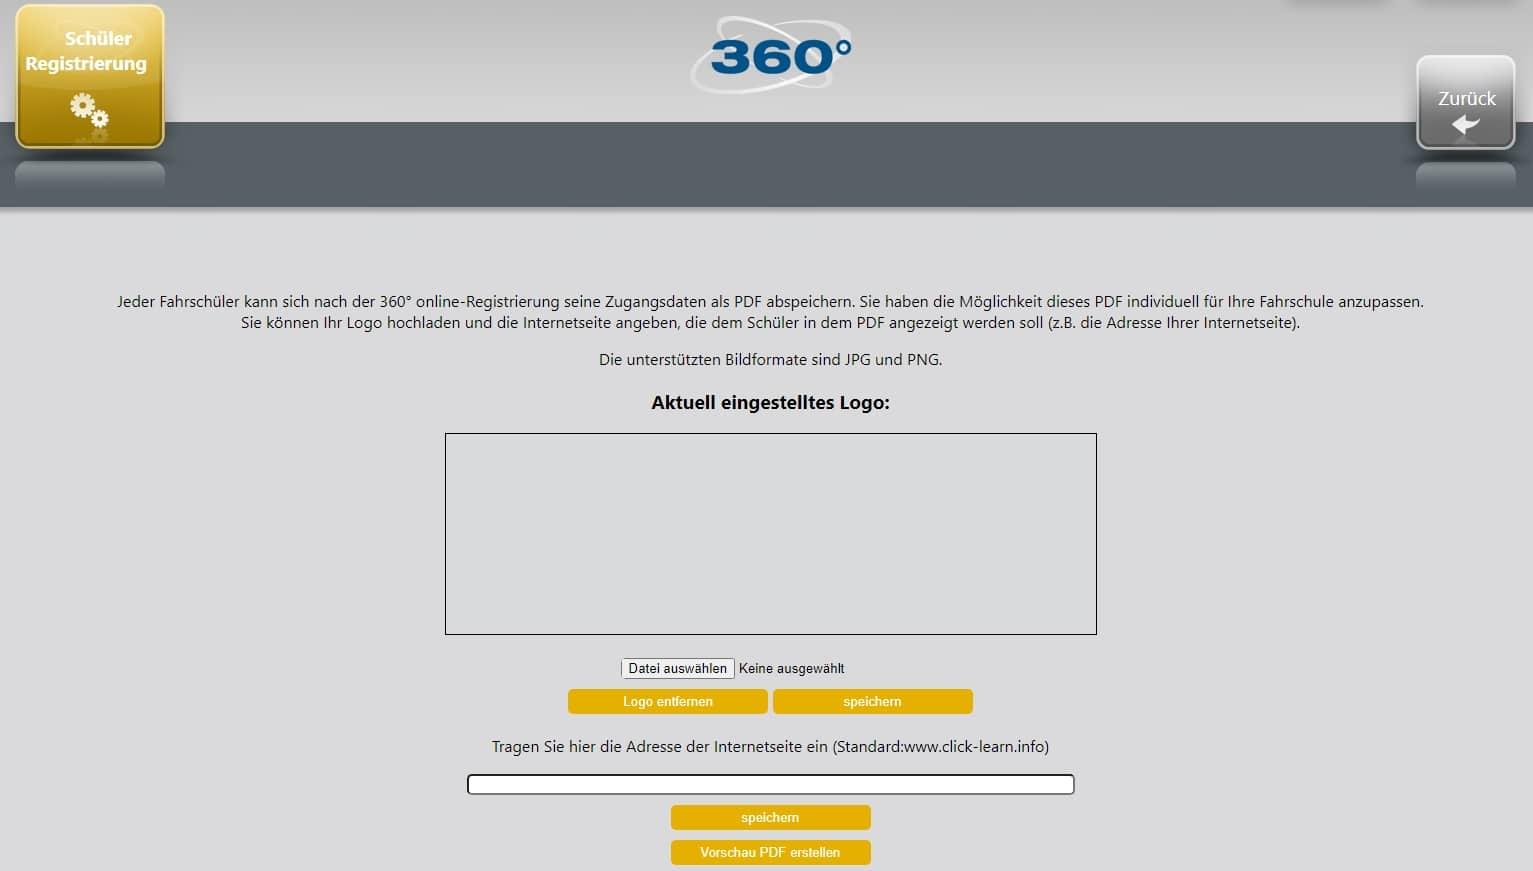 360-online-Verwaltung-Schueler-Registrierung